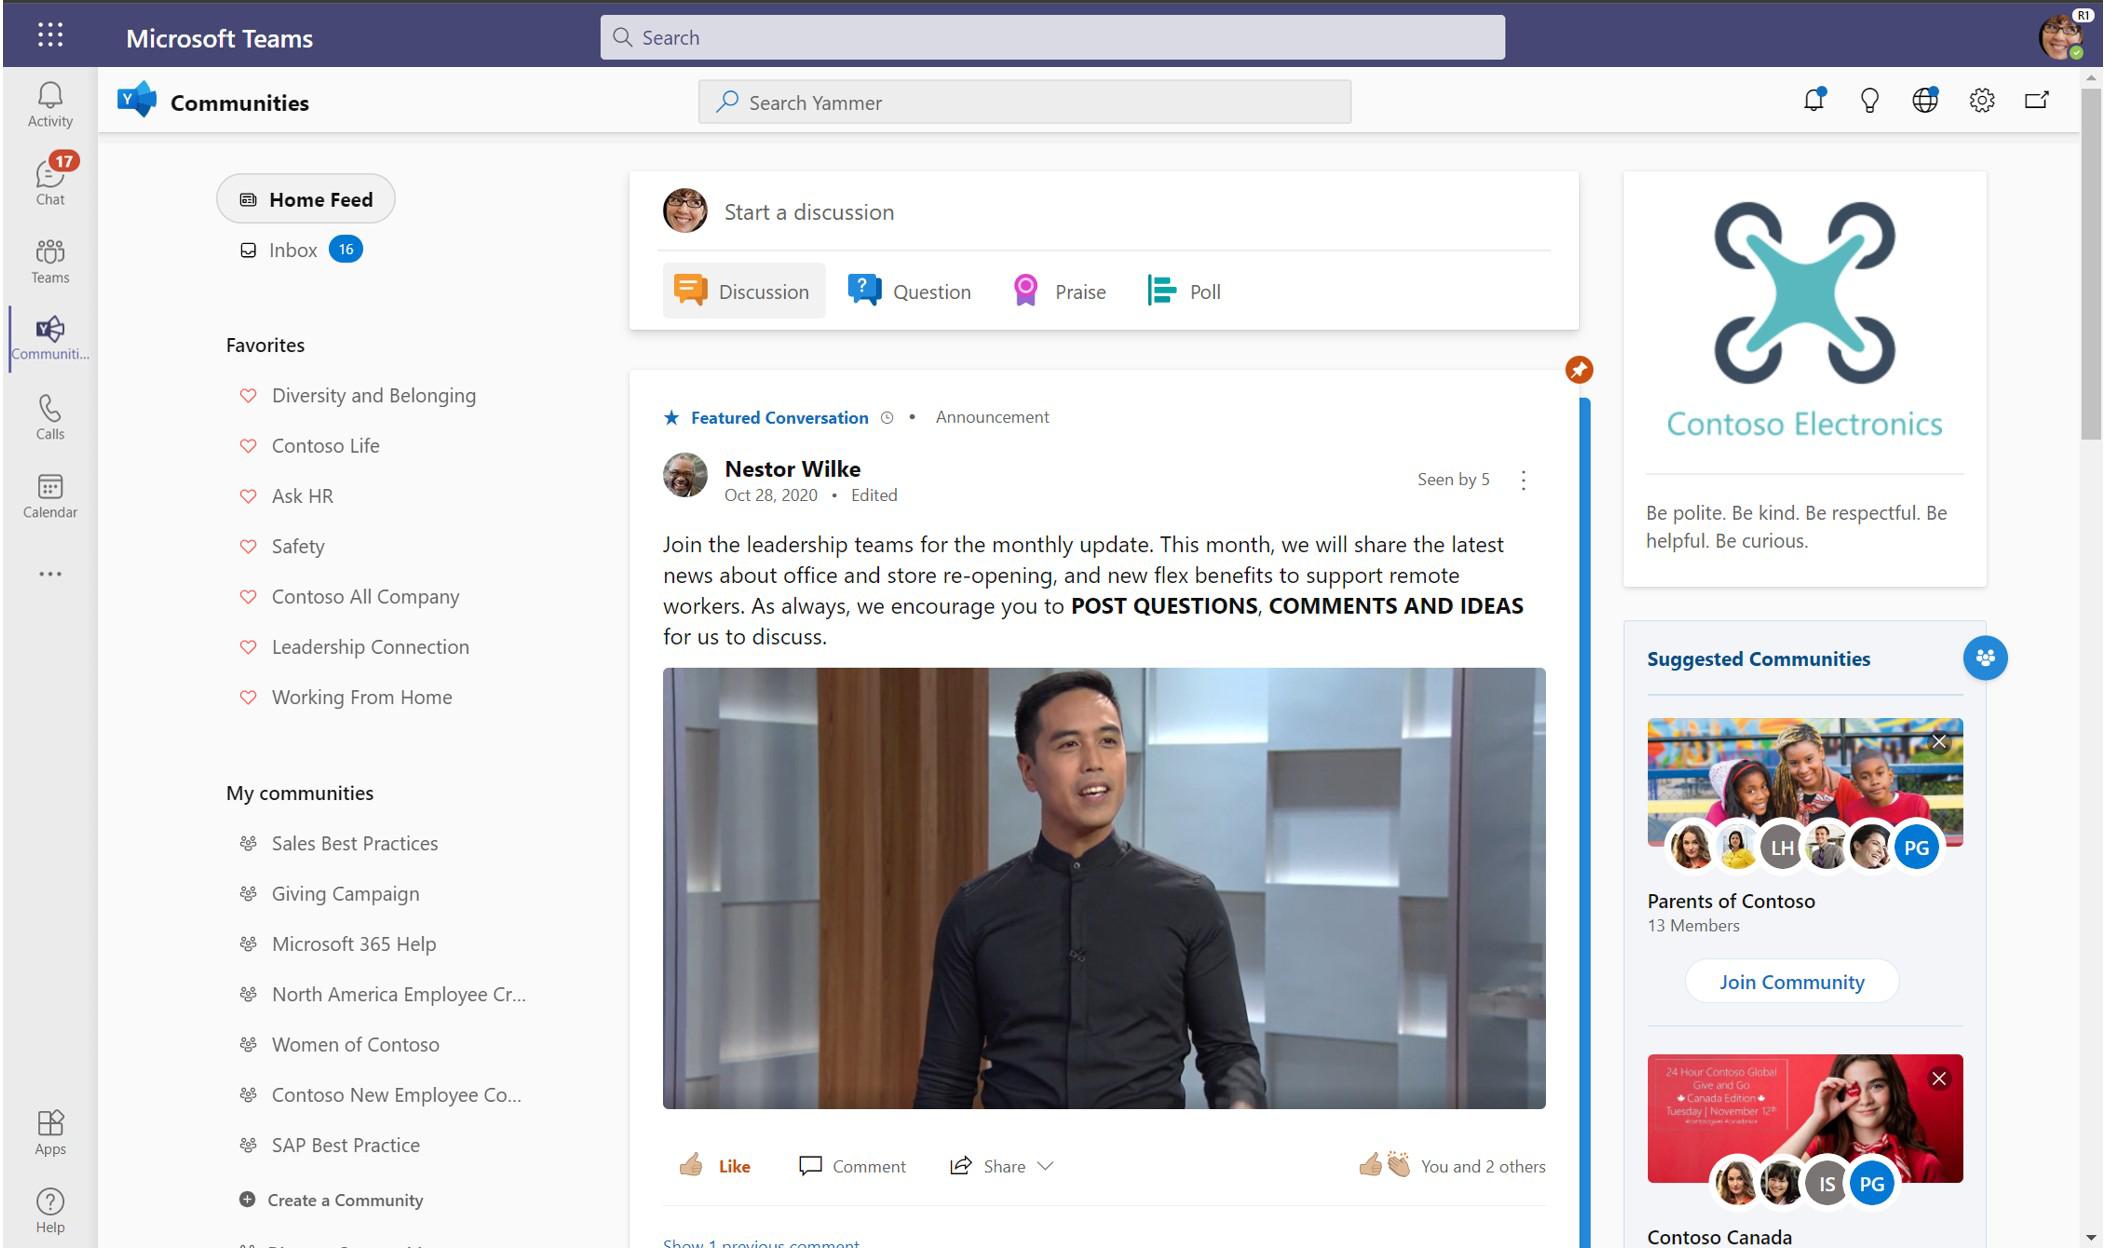 Captura de tela mostrando a exibição completa do aplicativo Yammer Communities no Teams